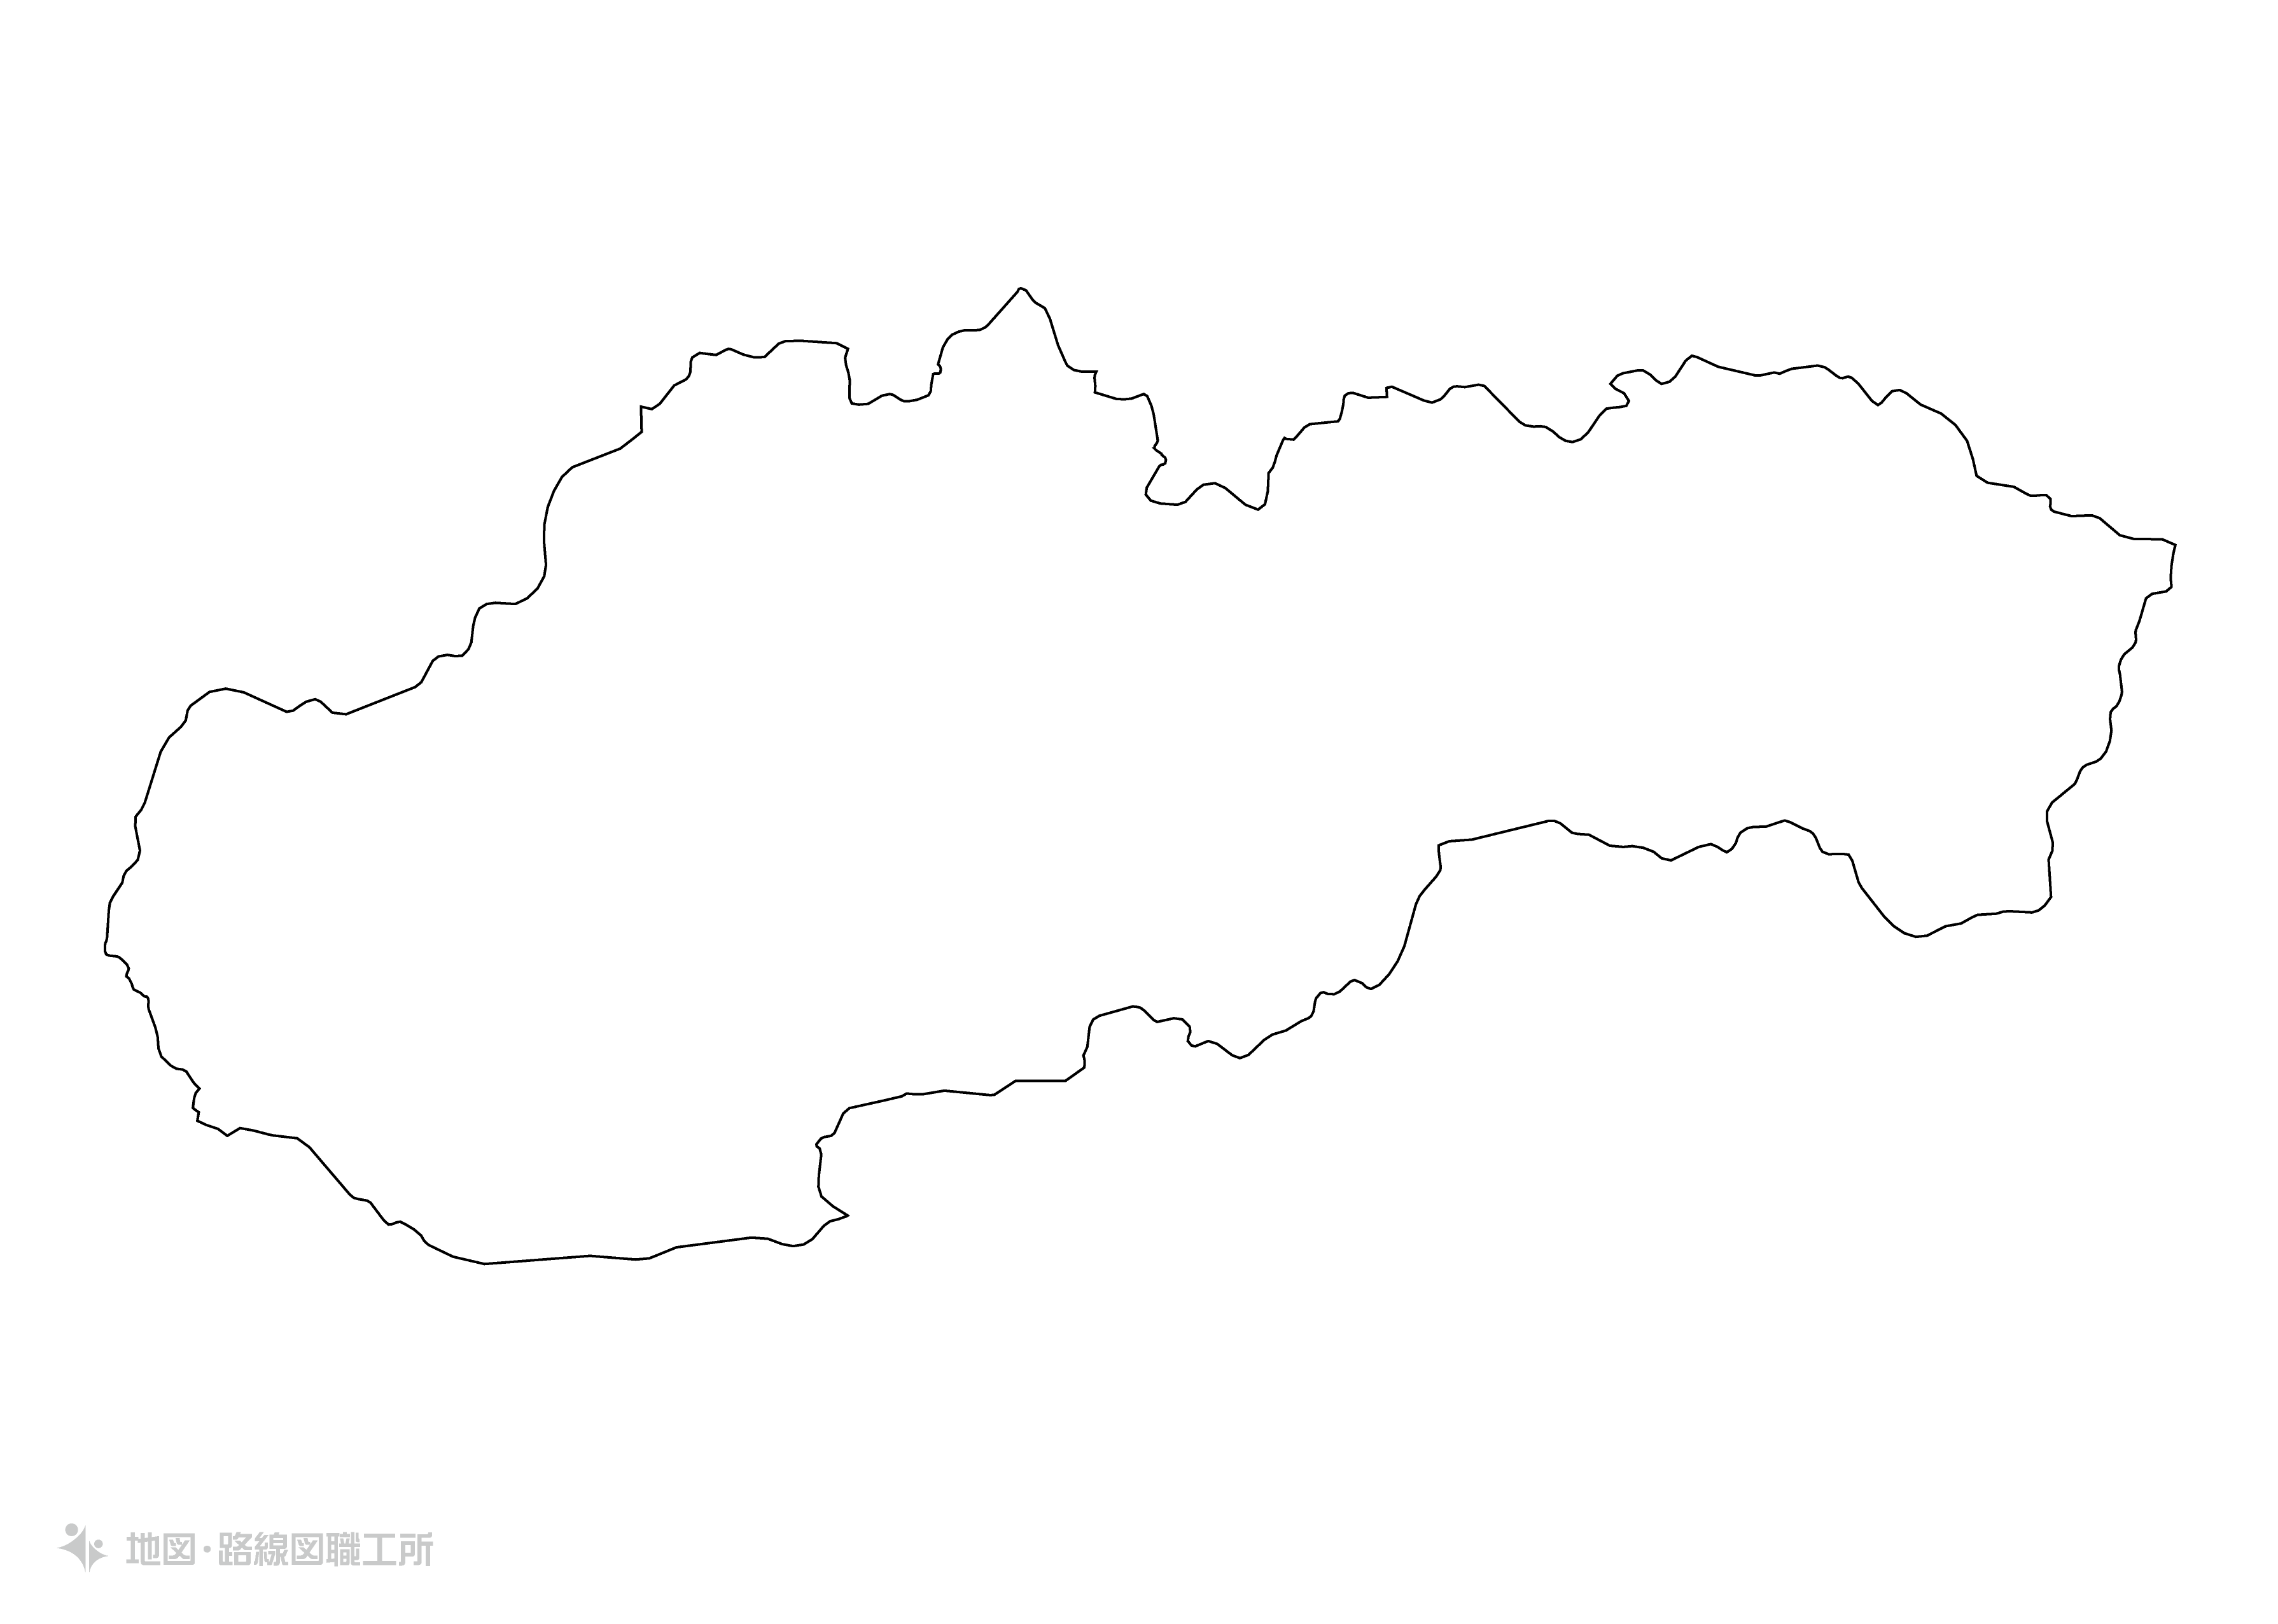 世界の白地図 スロバキア共和国 slovak-republic map